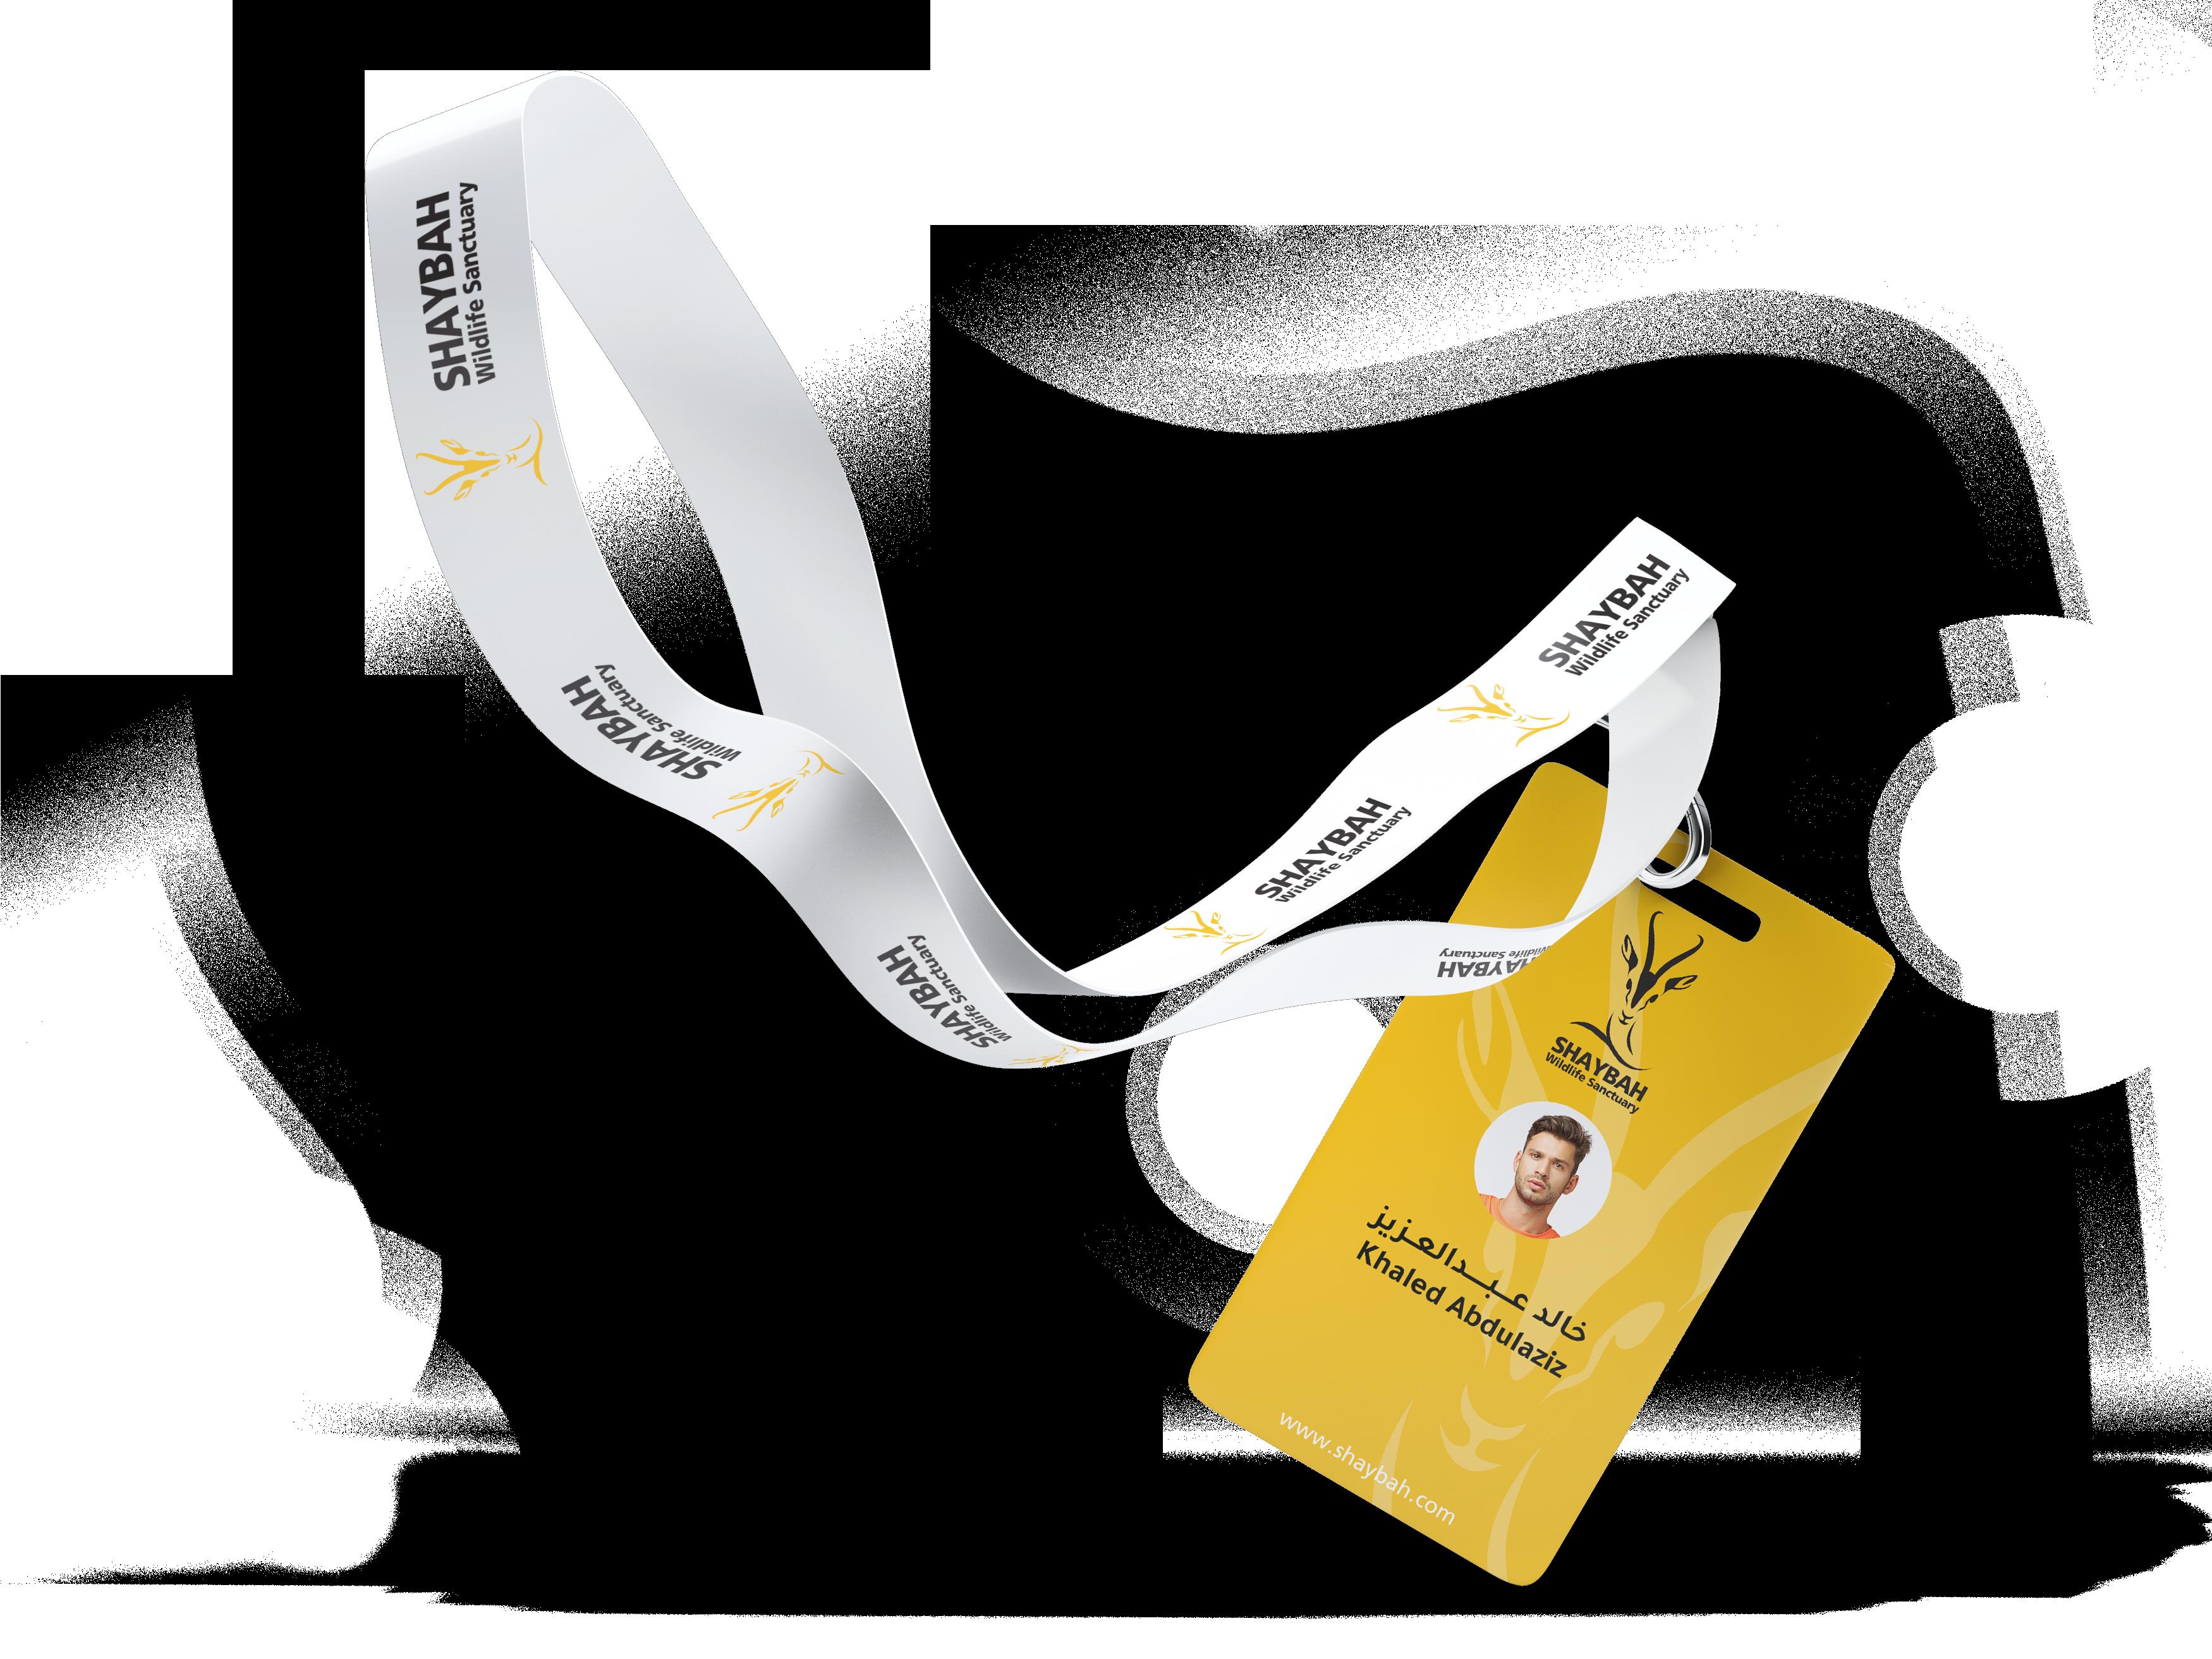 08Lanyard Name Tag Badge Mock-Up